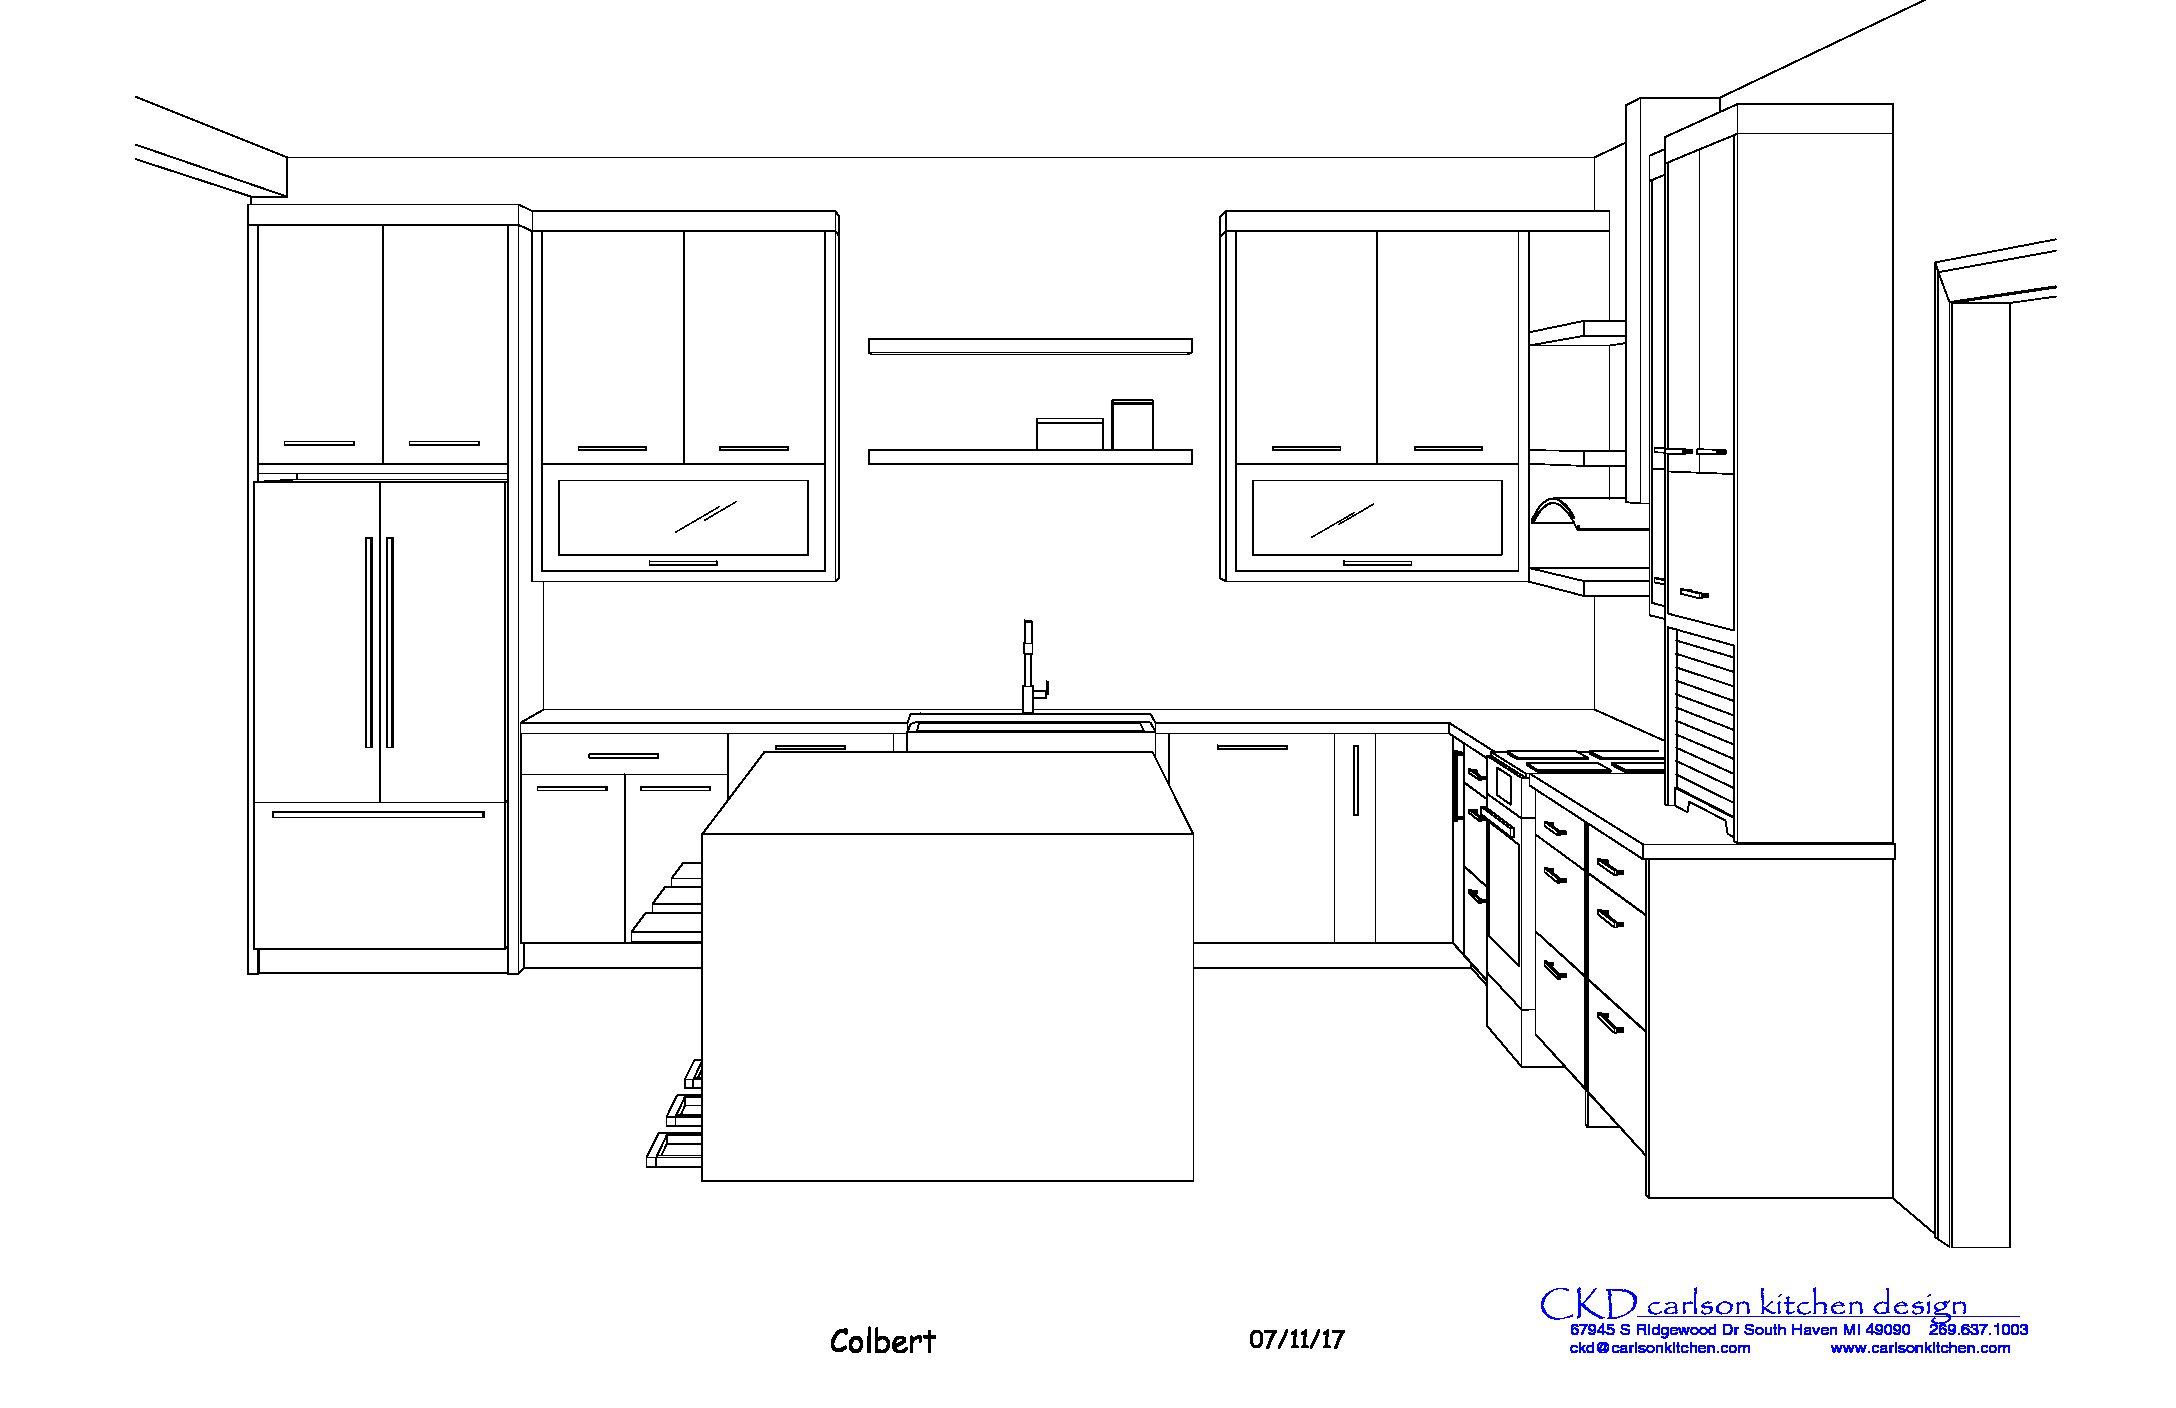 Ckd Carlson Kitchen Design Inc Kitchen Design Service For